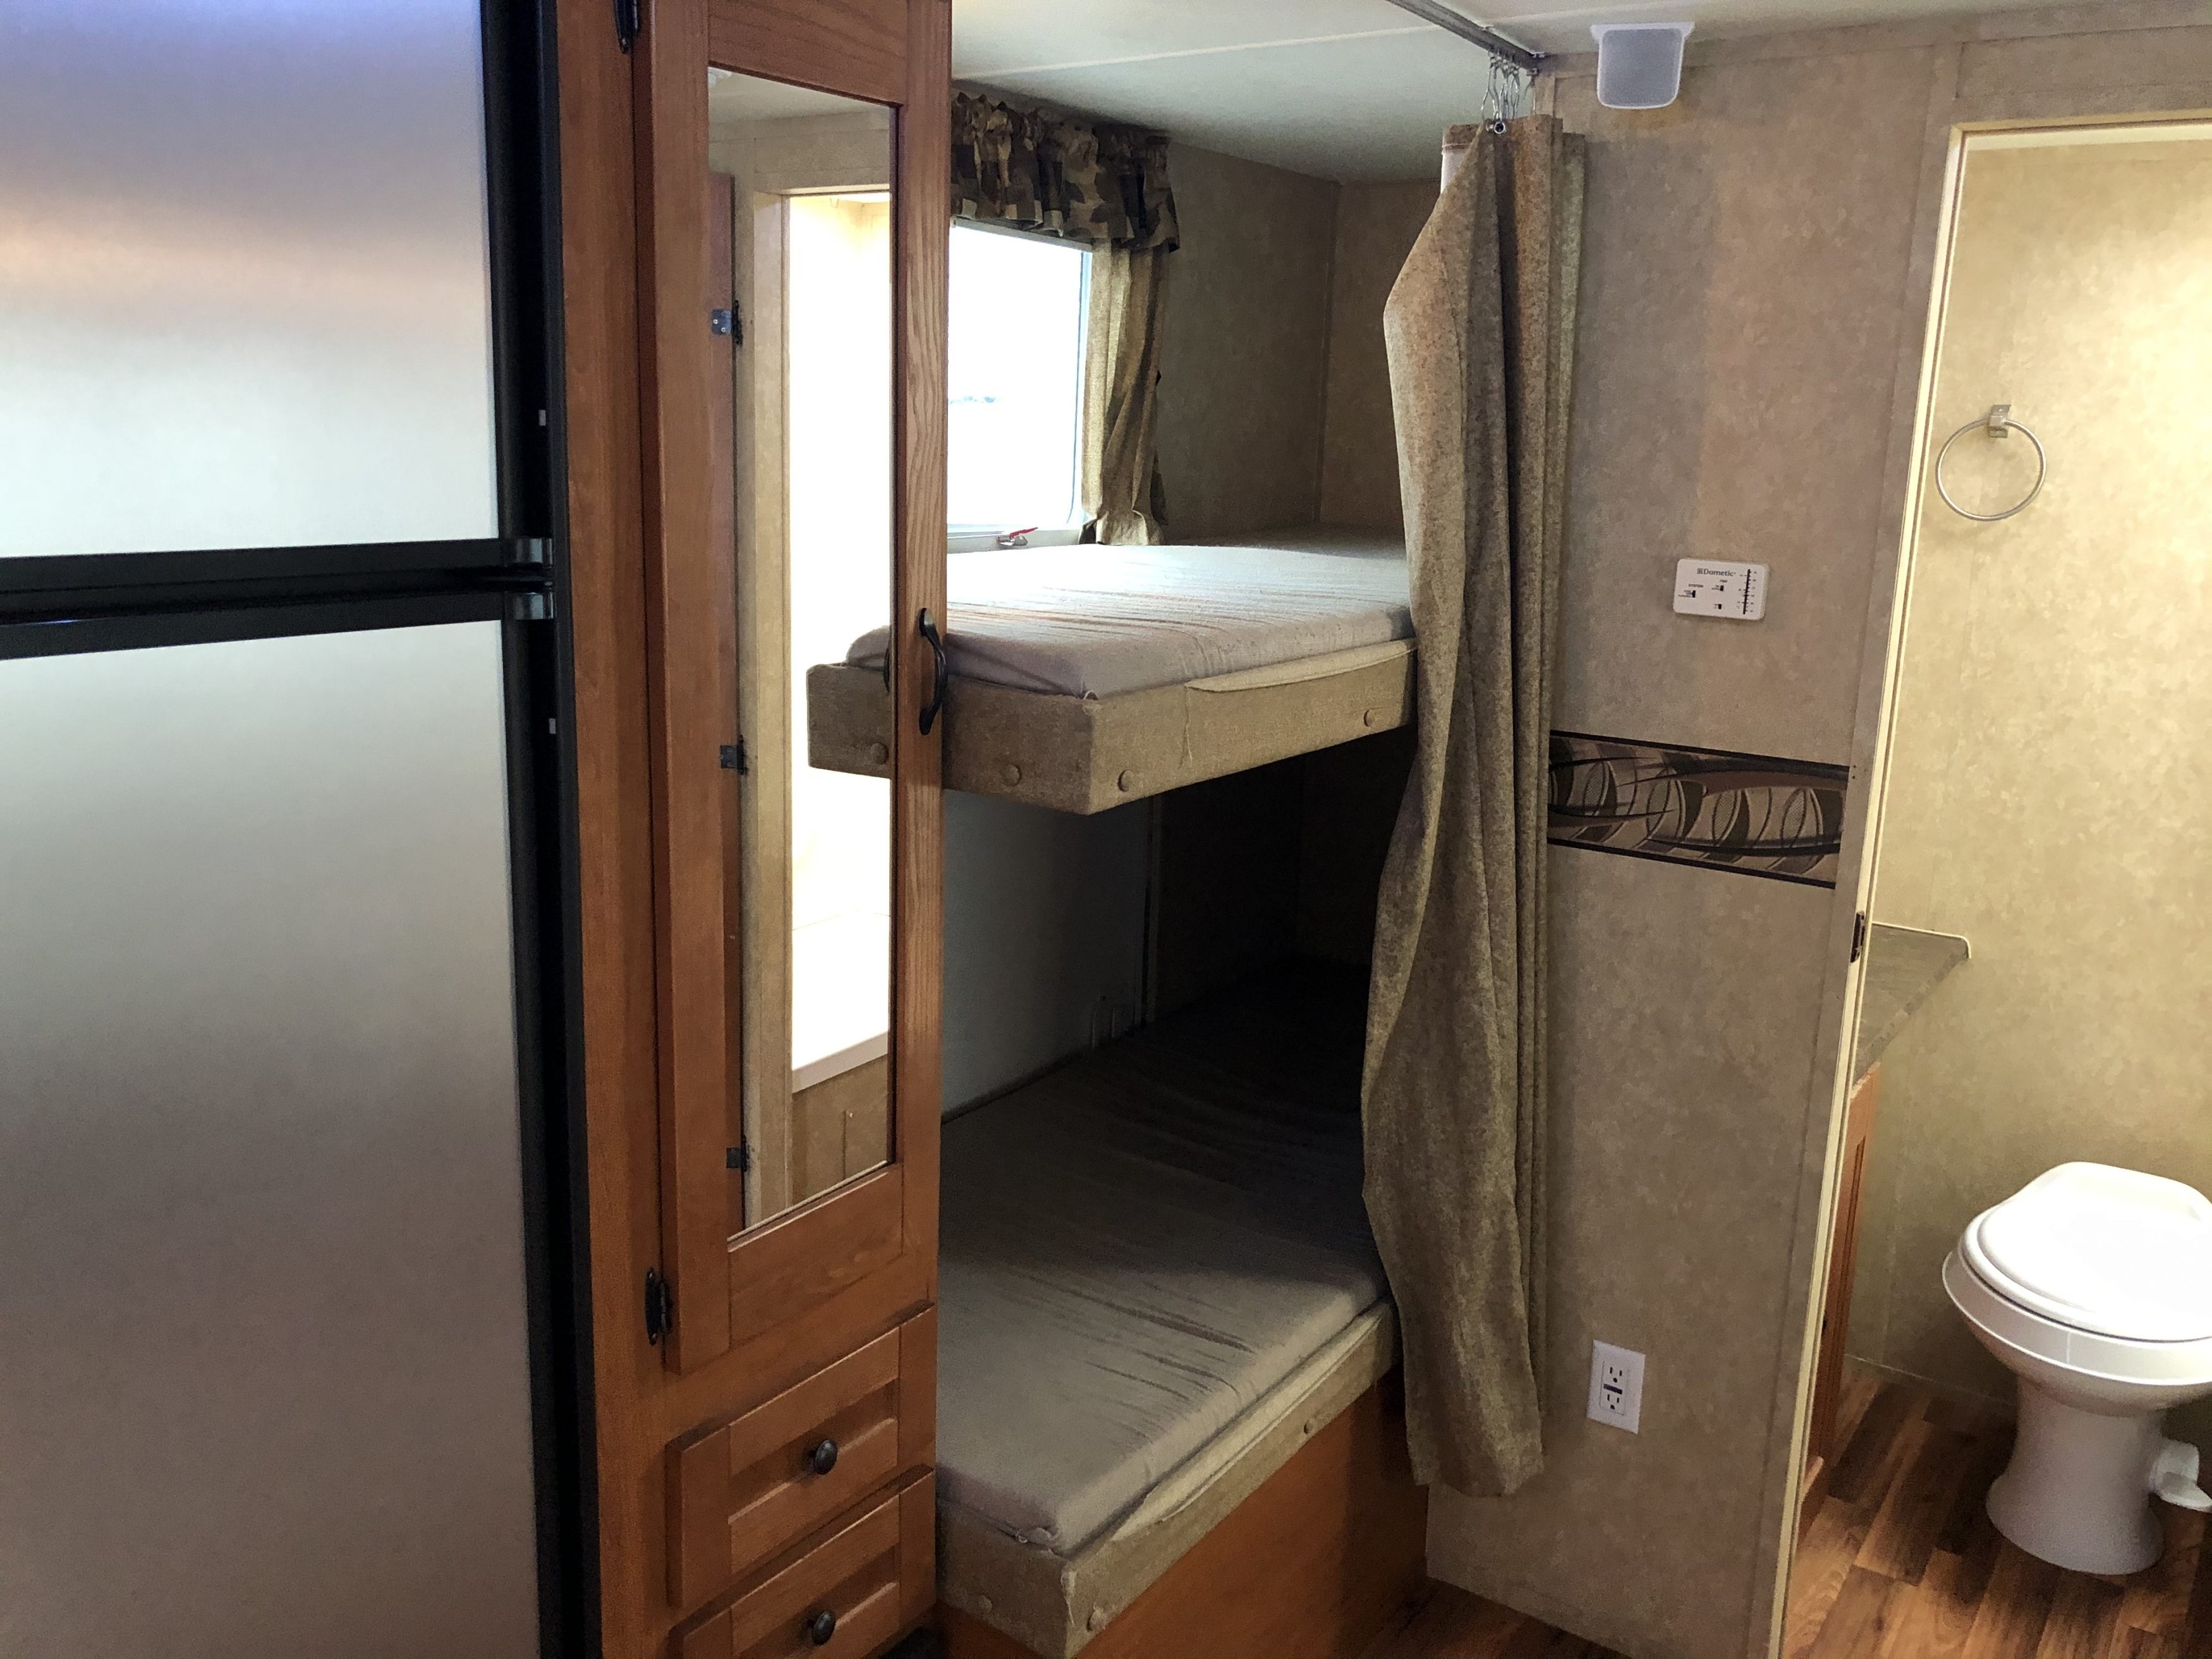 27' Heritage Glen Bunk Beds interior view